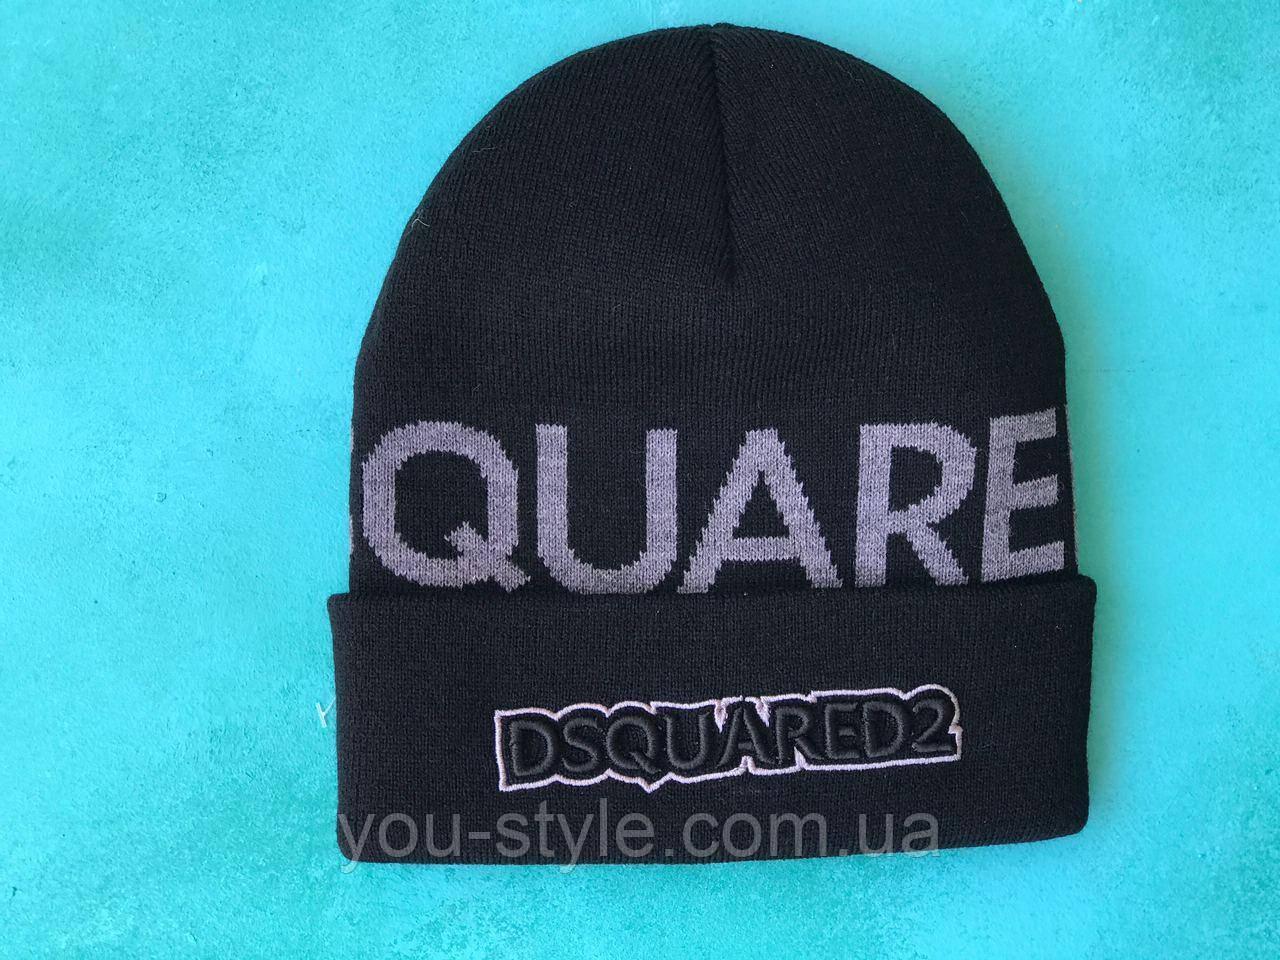 Шапка Dsquared2  / шапка дискваред / шапка женская/шапка мужская/черный